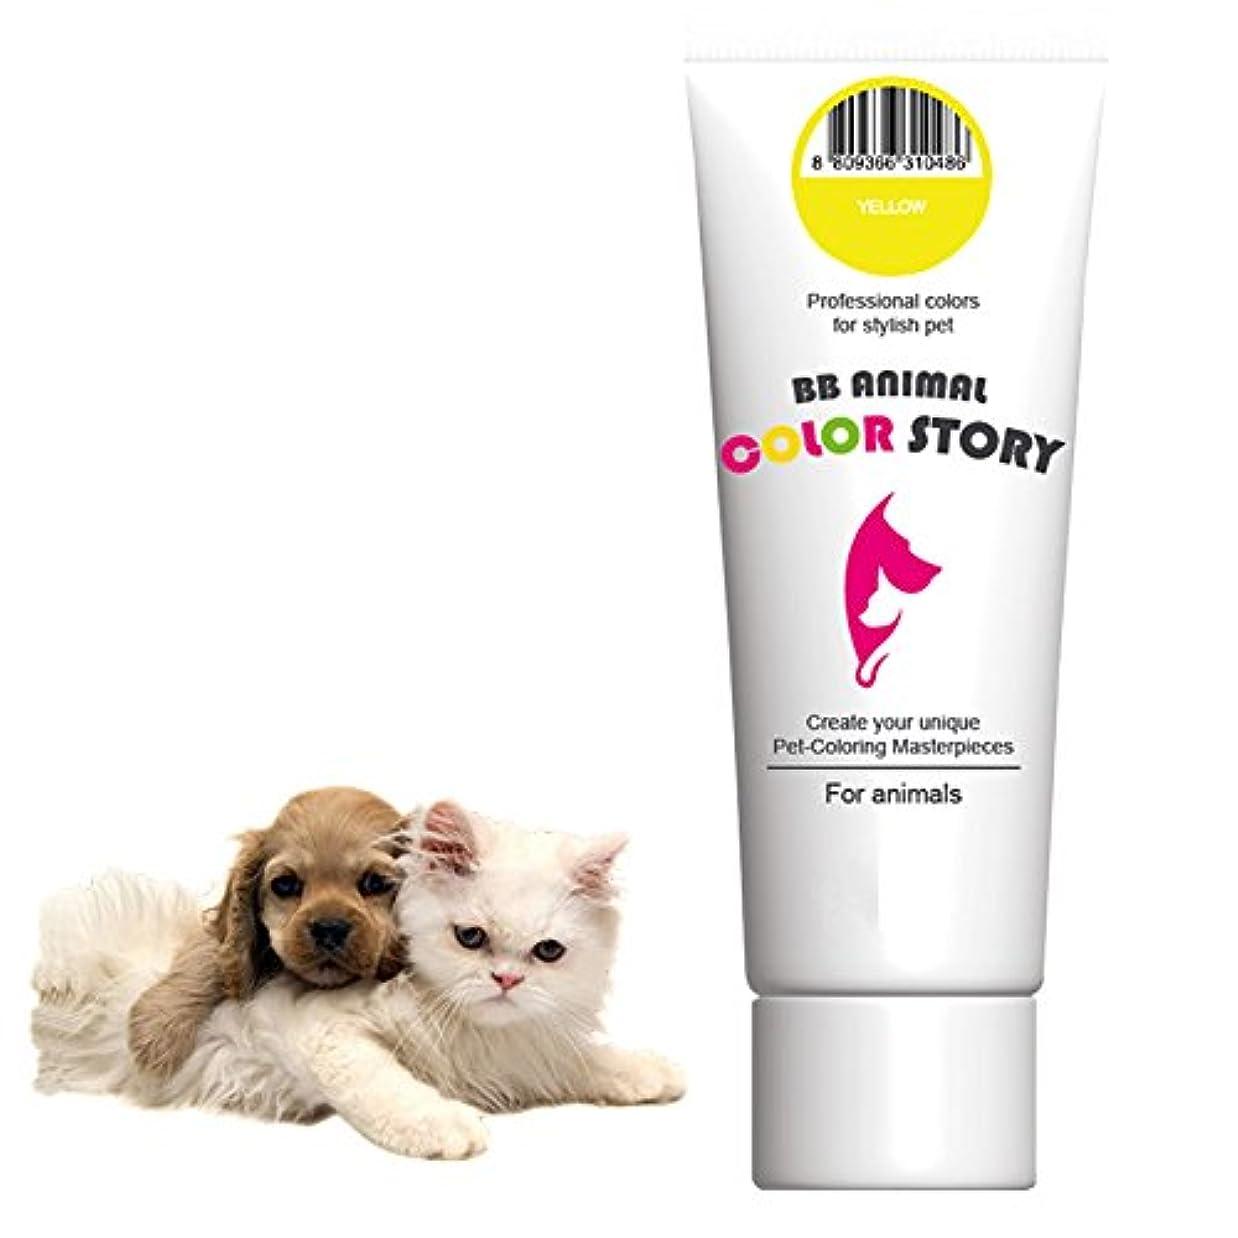 不愉快にコース理想的には毛染め, 犬ヘアダイ Yellow カラーリング Dog Hair Hair Bleach Dye Hair Coloring Professional Colors for Stylish Pet 50ml 並行輸入